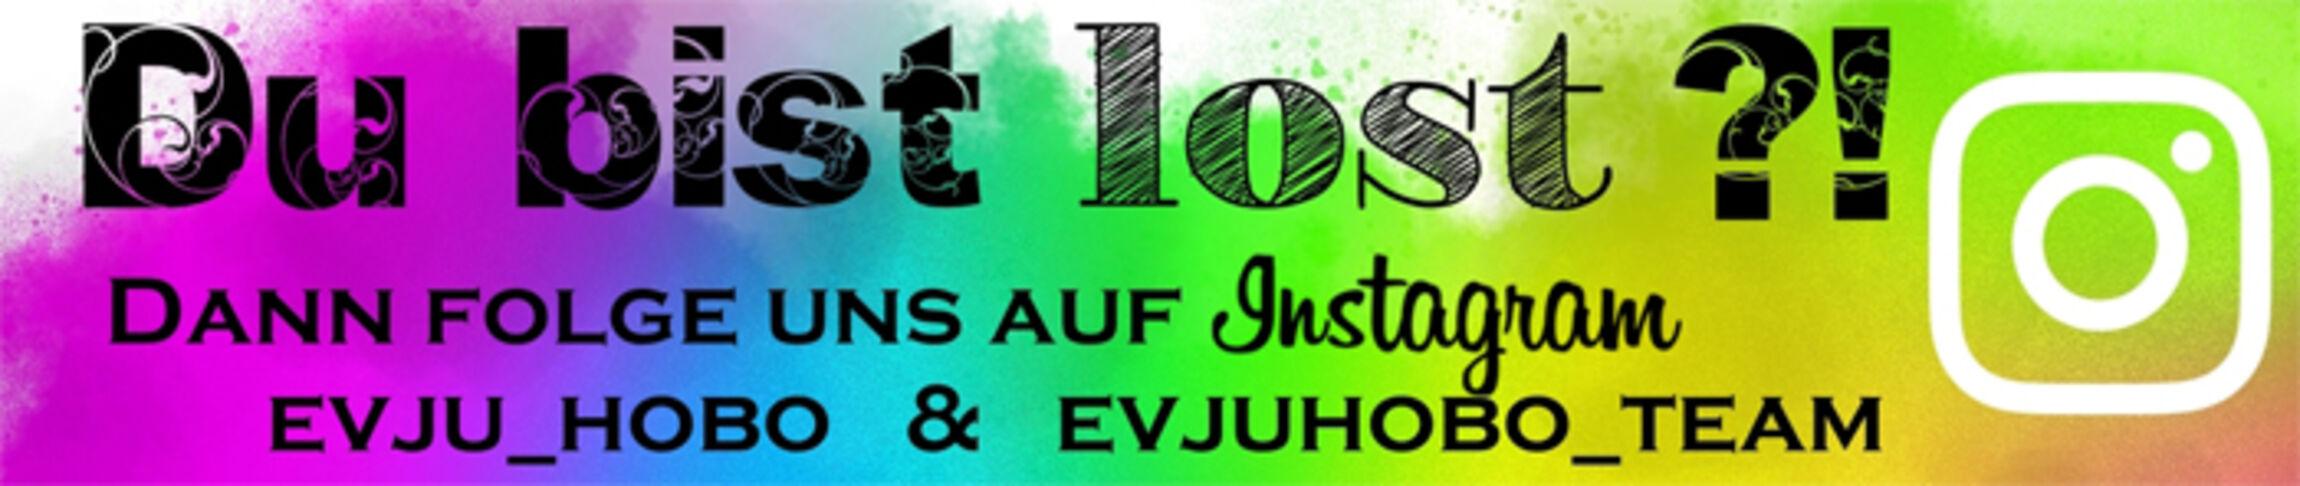 Instagram Account Evangelische Jugend HoBo